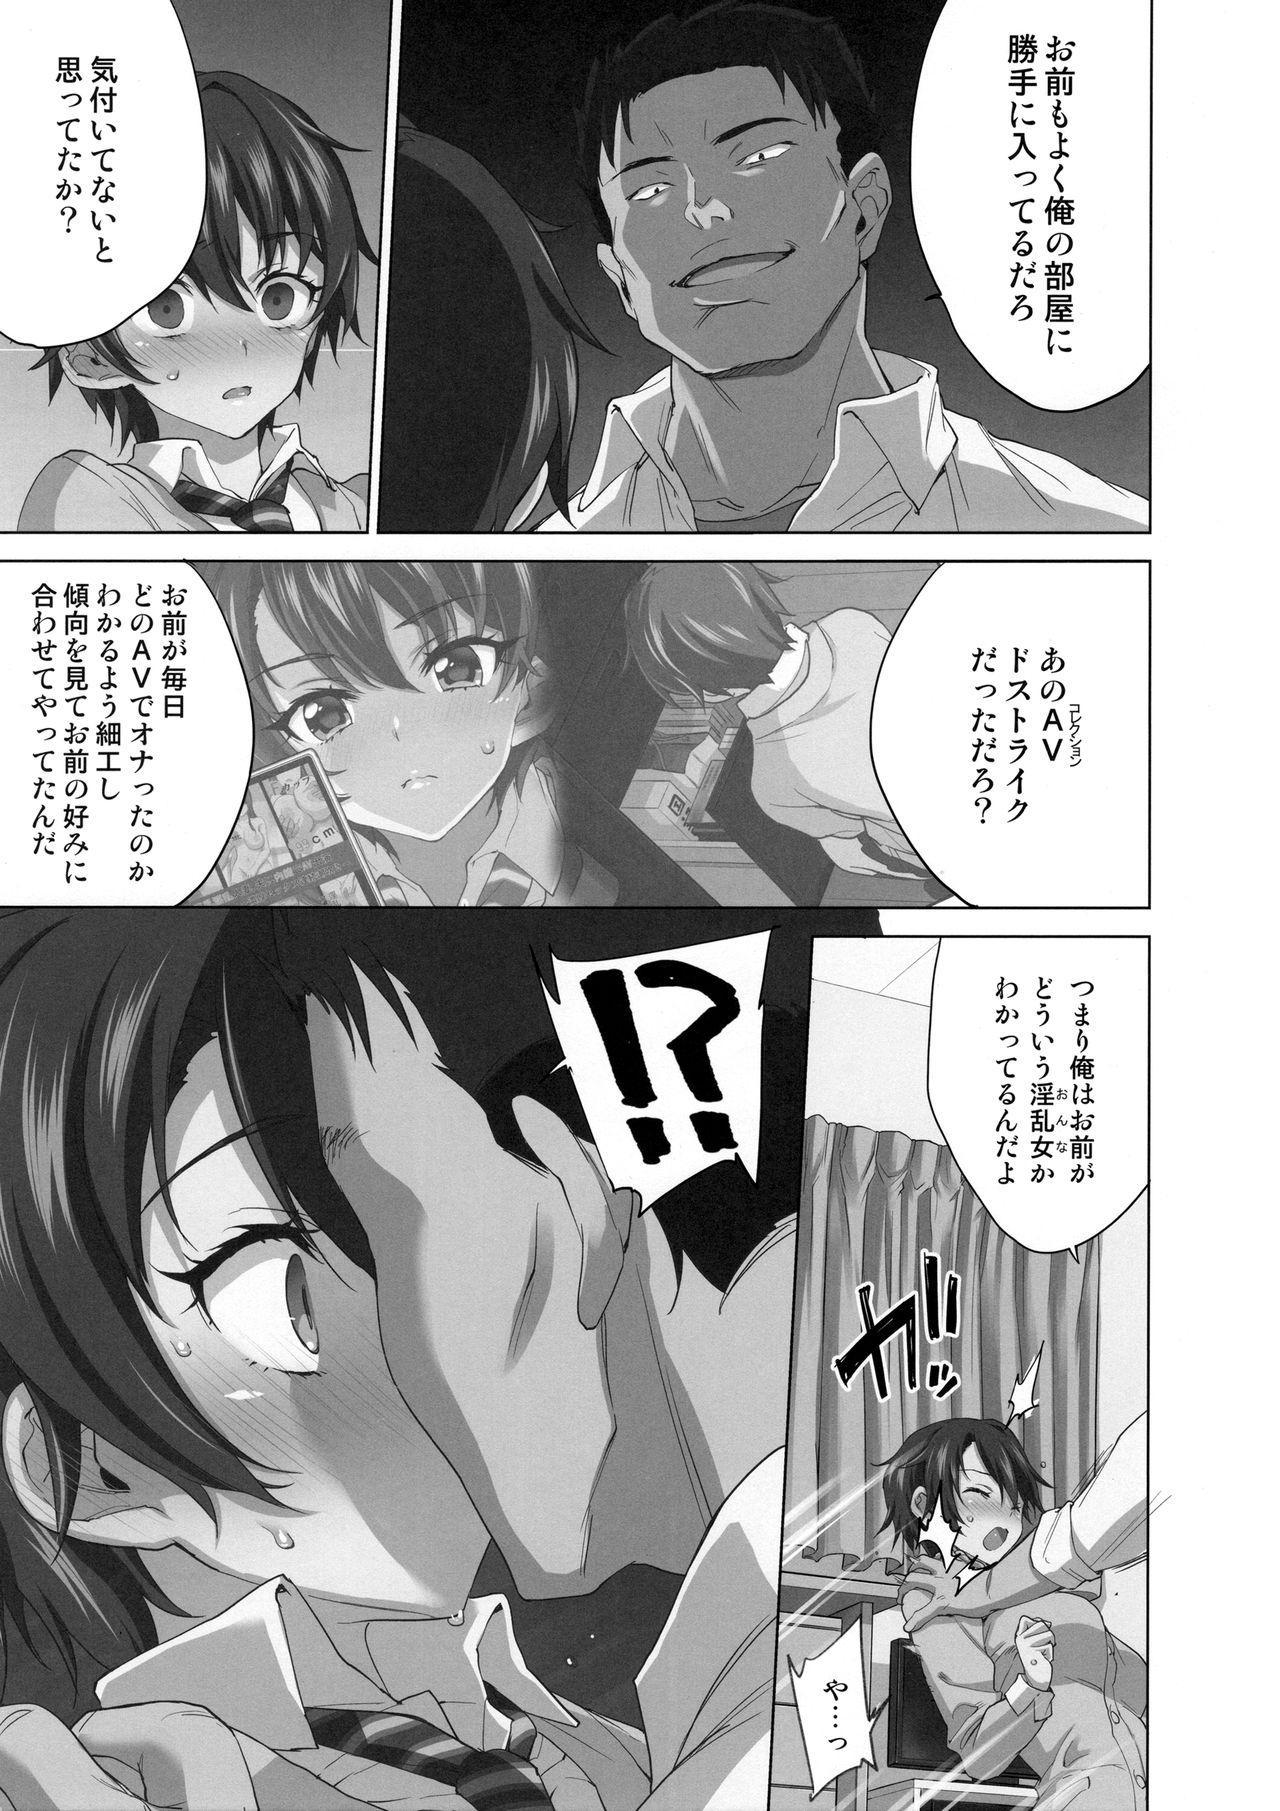 Mako-chan Kaihatsu Nikki Preview Monochro Ban 21